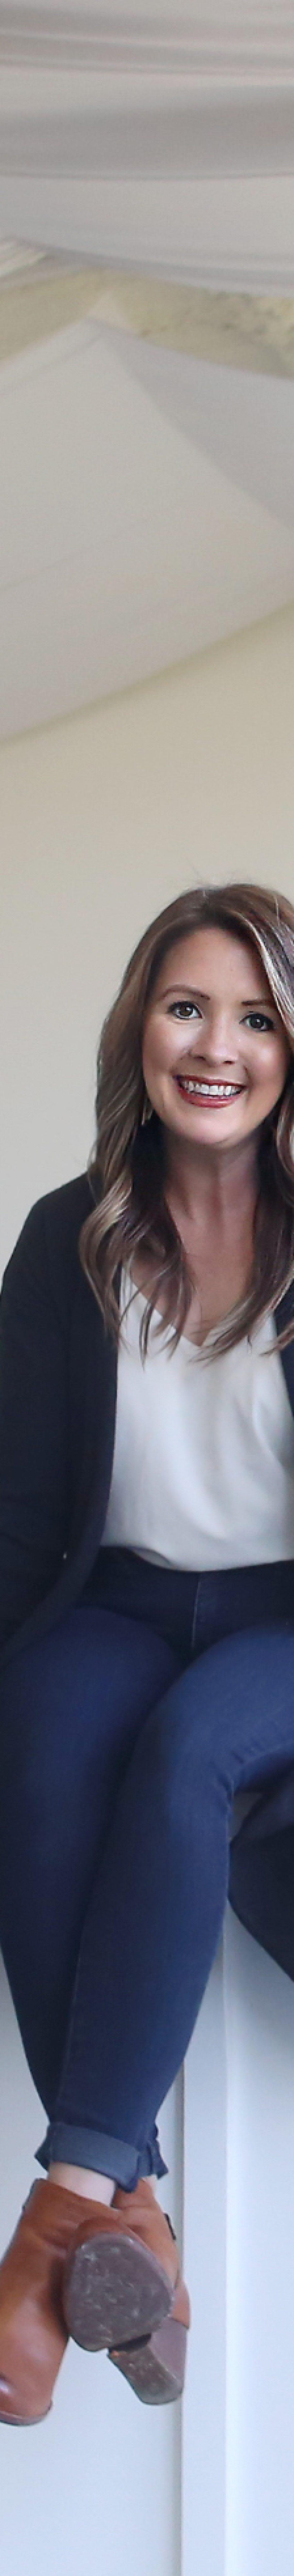 3 with 3W: Ashley Starnes